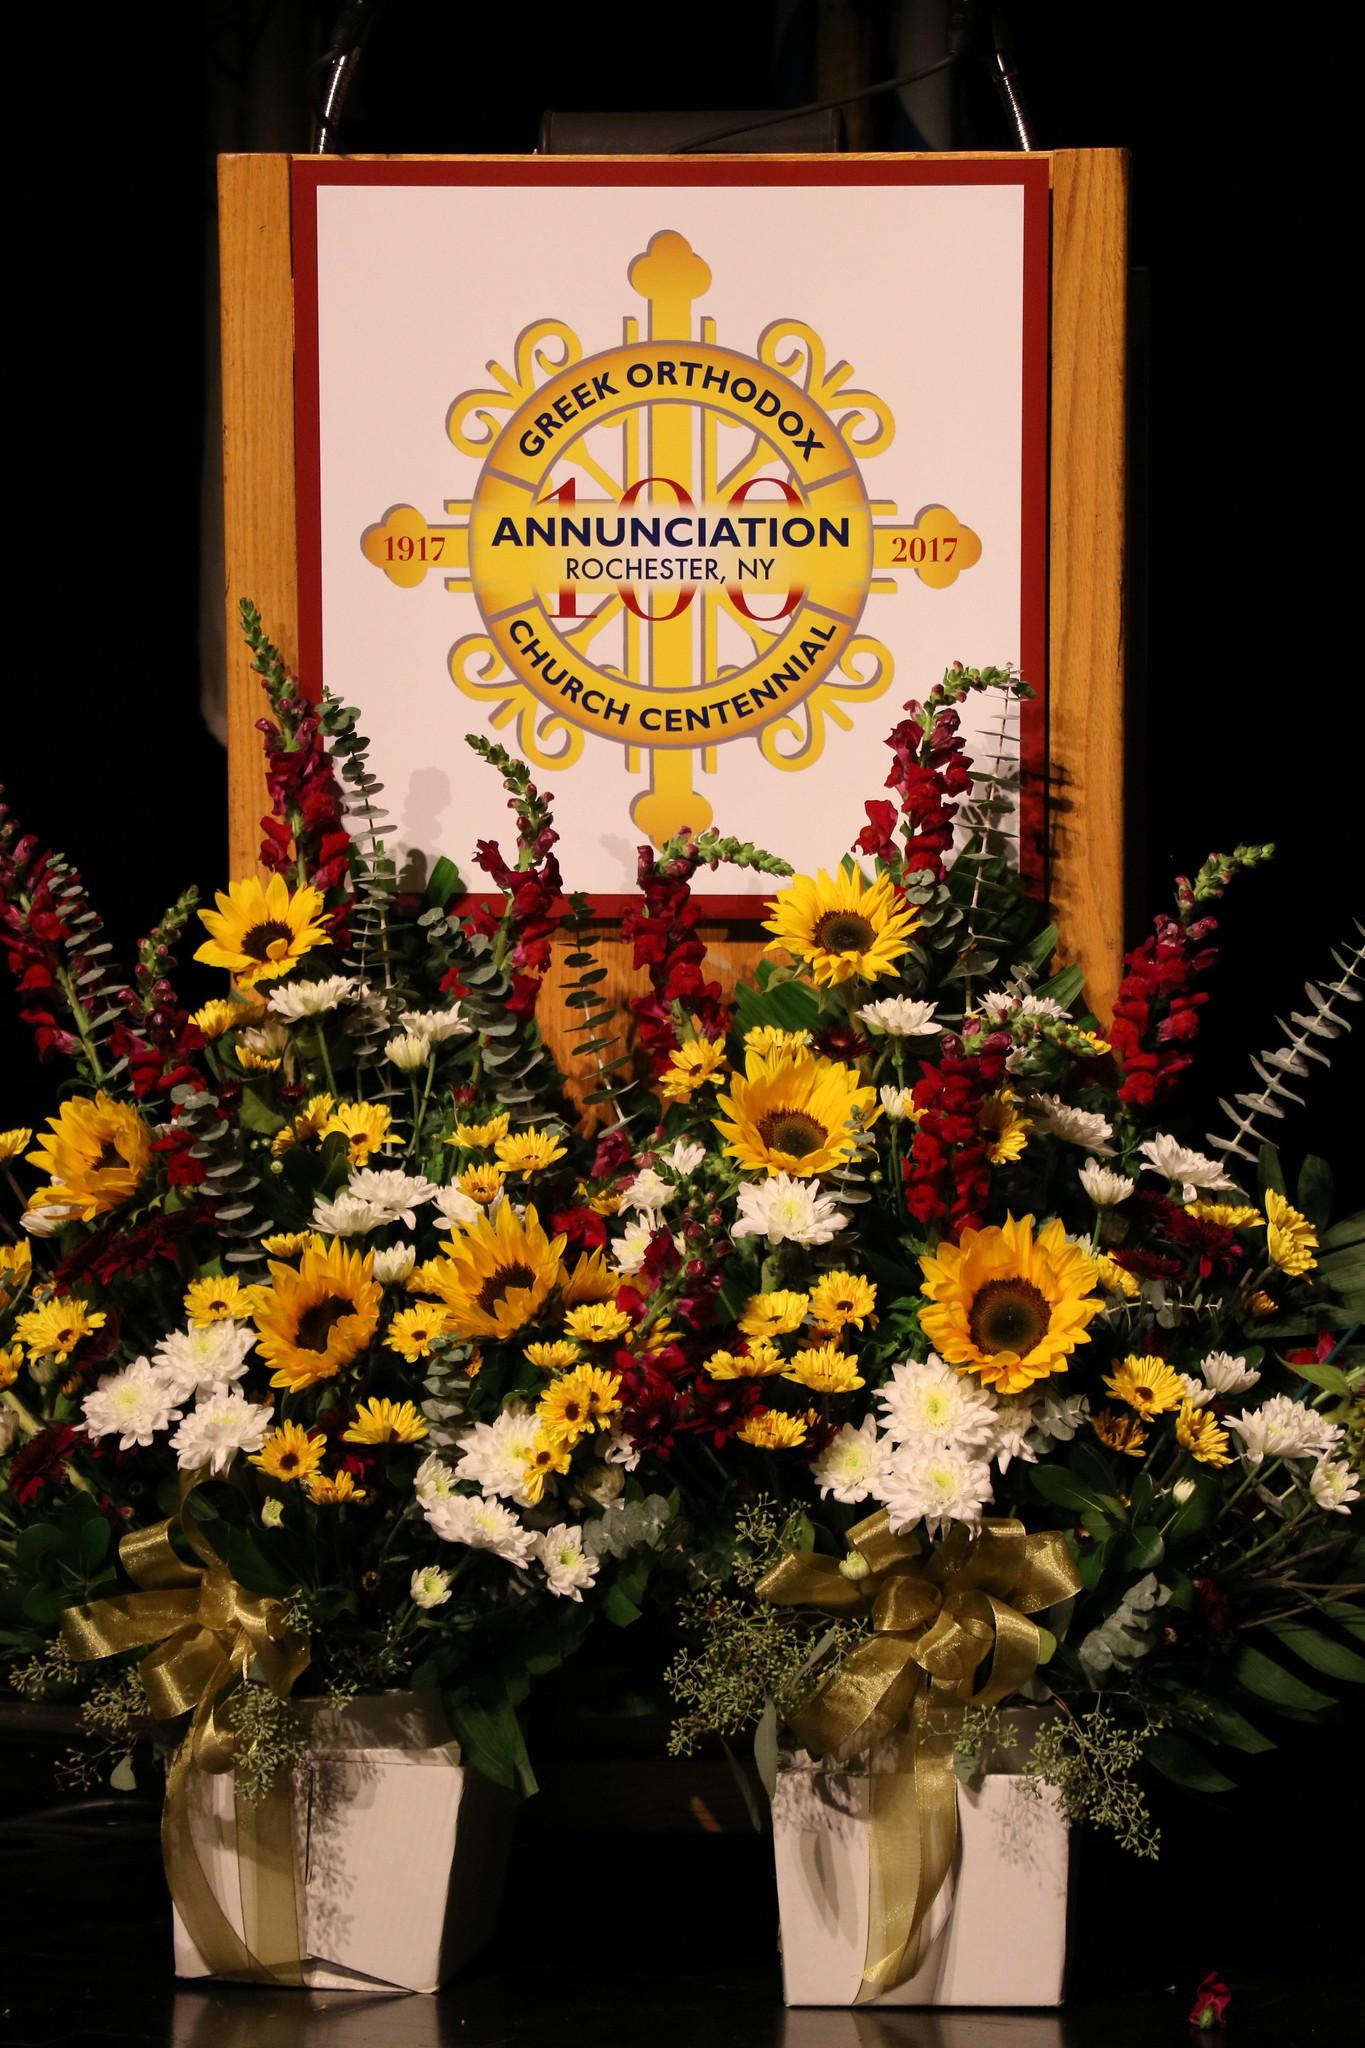 Annunciation Greek Orthodox Church Centennial Logo